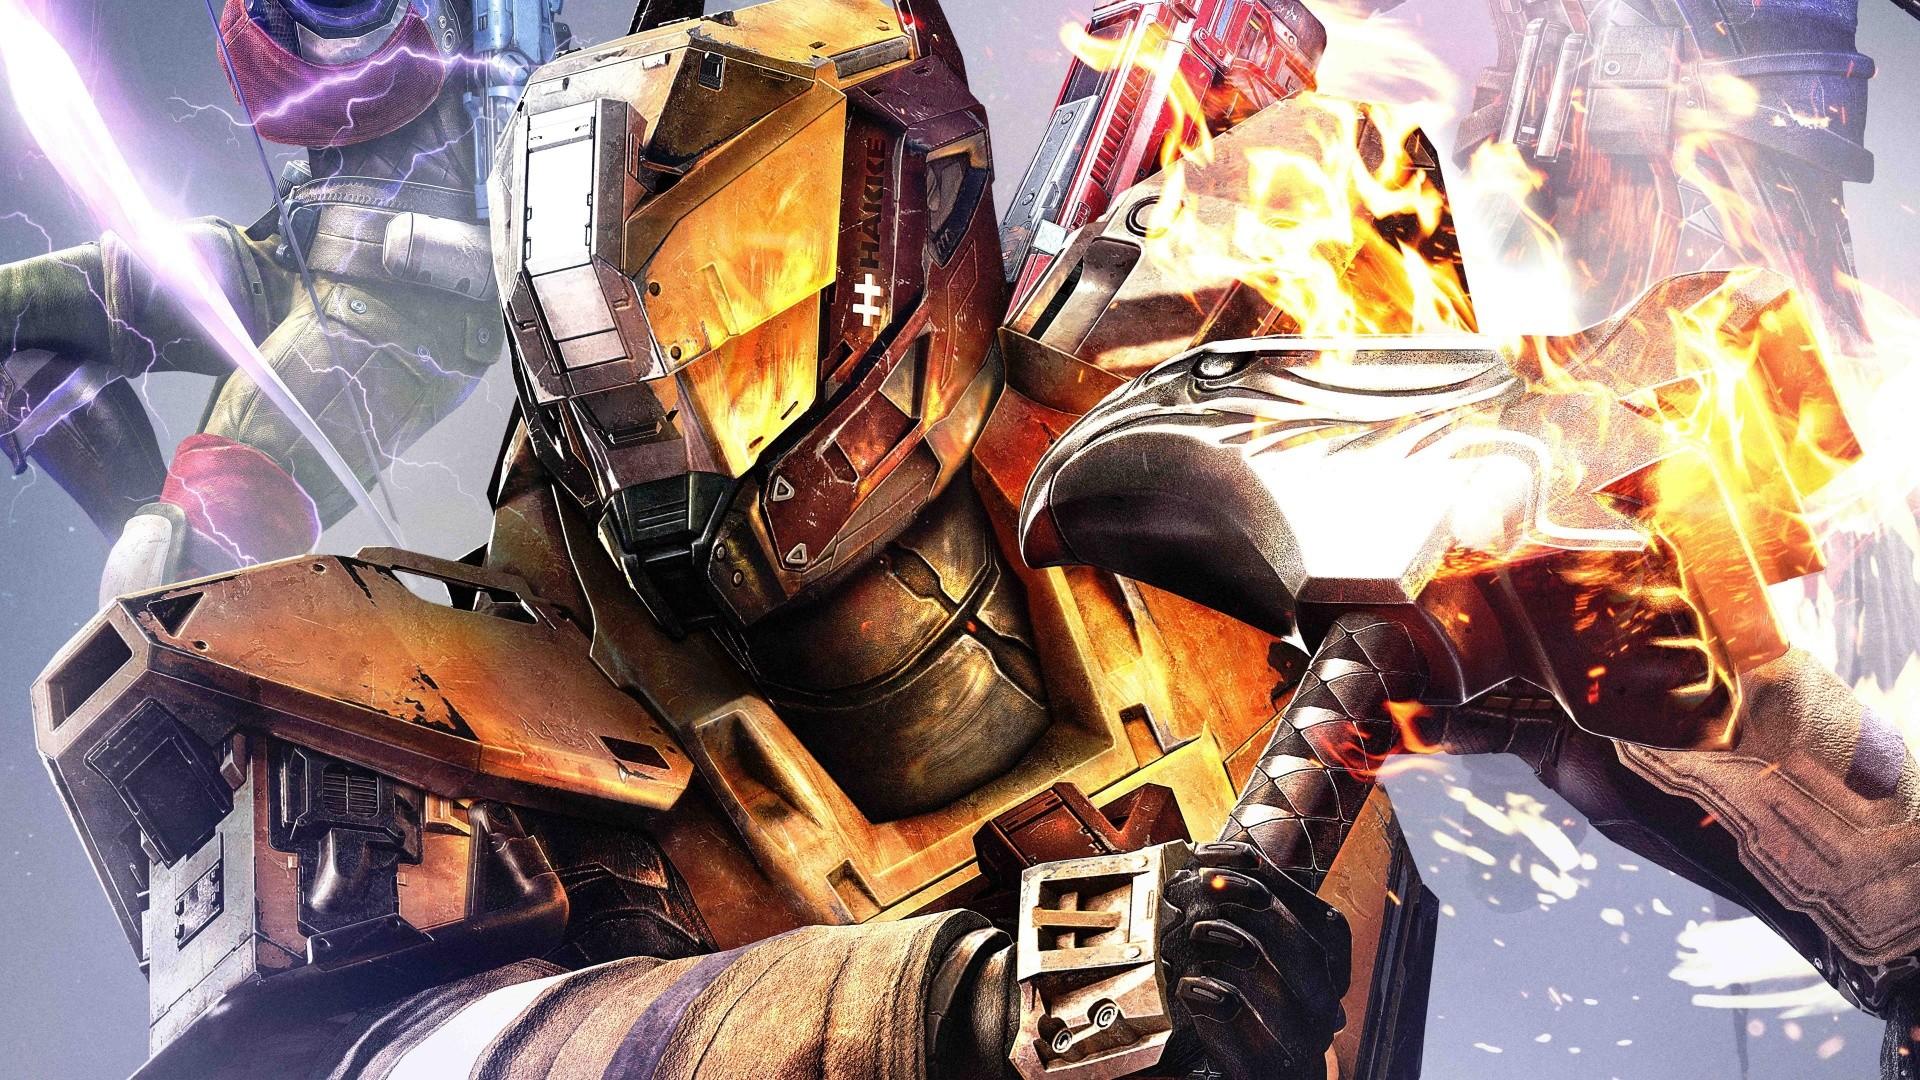 Titan Destiny The Taken King